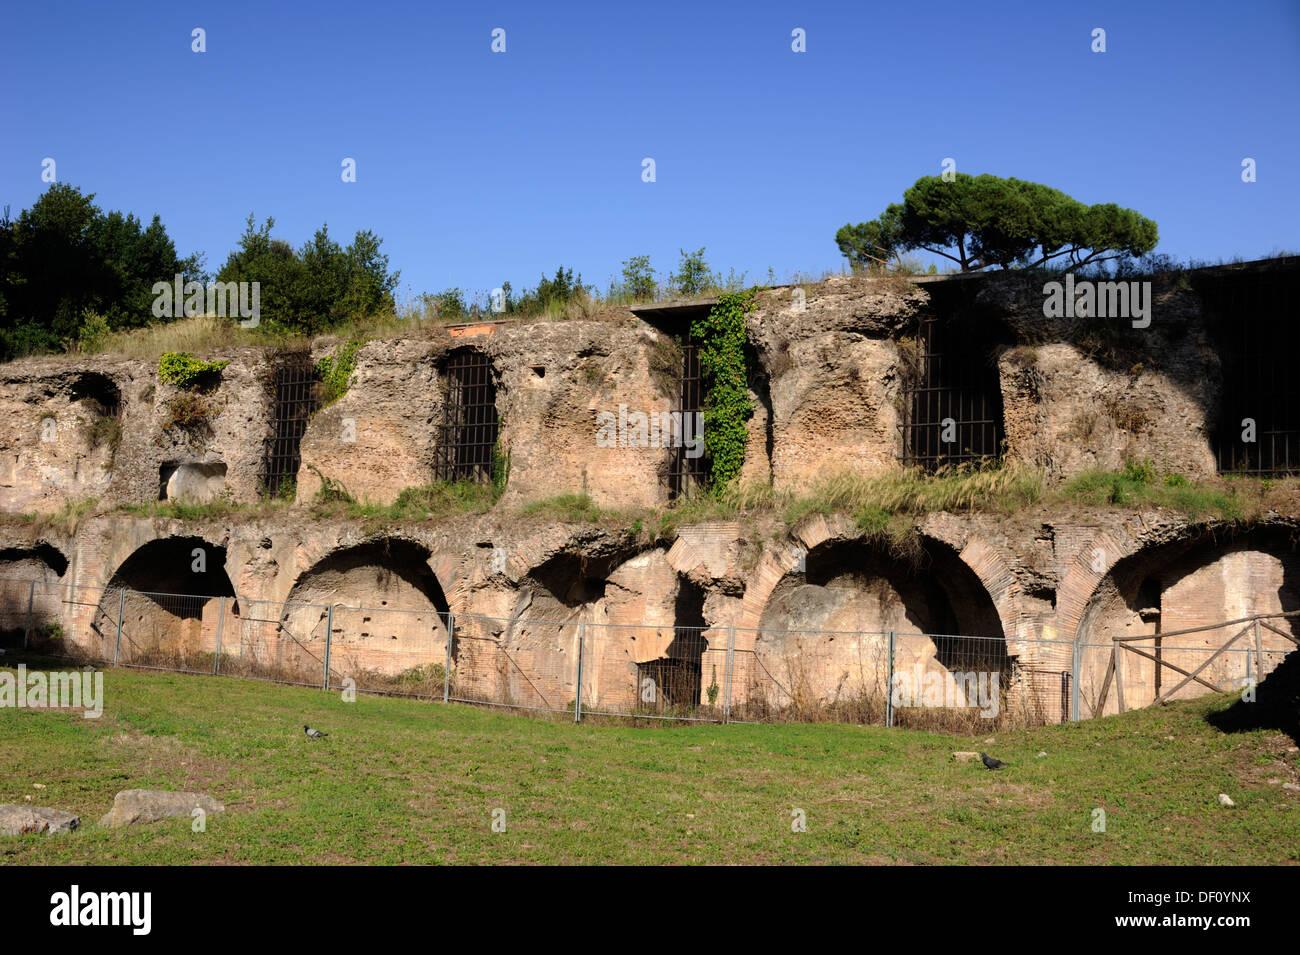 Italia, Roma, colle Oppio (colle Oppio), Terme di Traiano, cisterne delle sette vendita, antica cisterna romana Immagini Stock